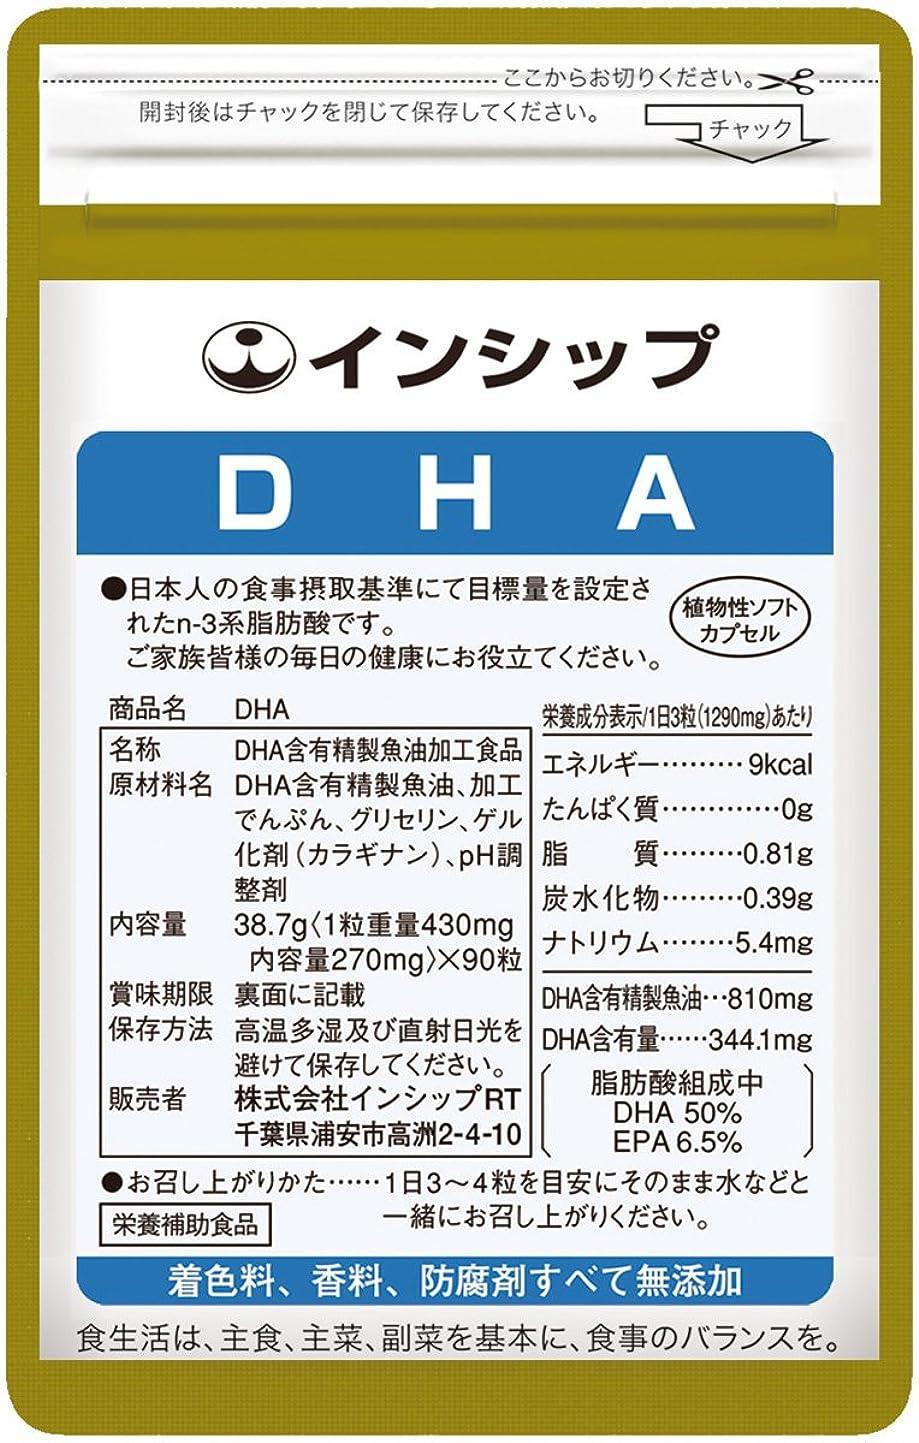 お風呂周辺確保するインシップ DHA(ドコサヘキサエン酸) 430mg×90粒 30日分